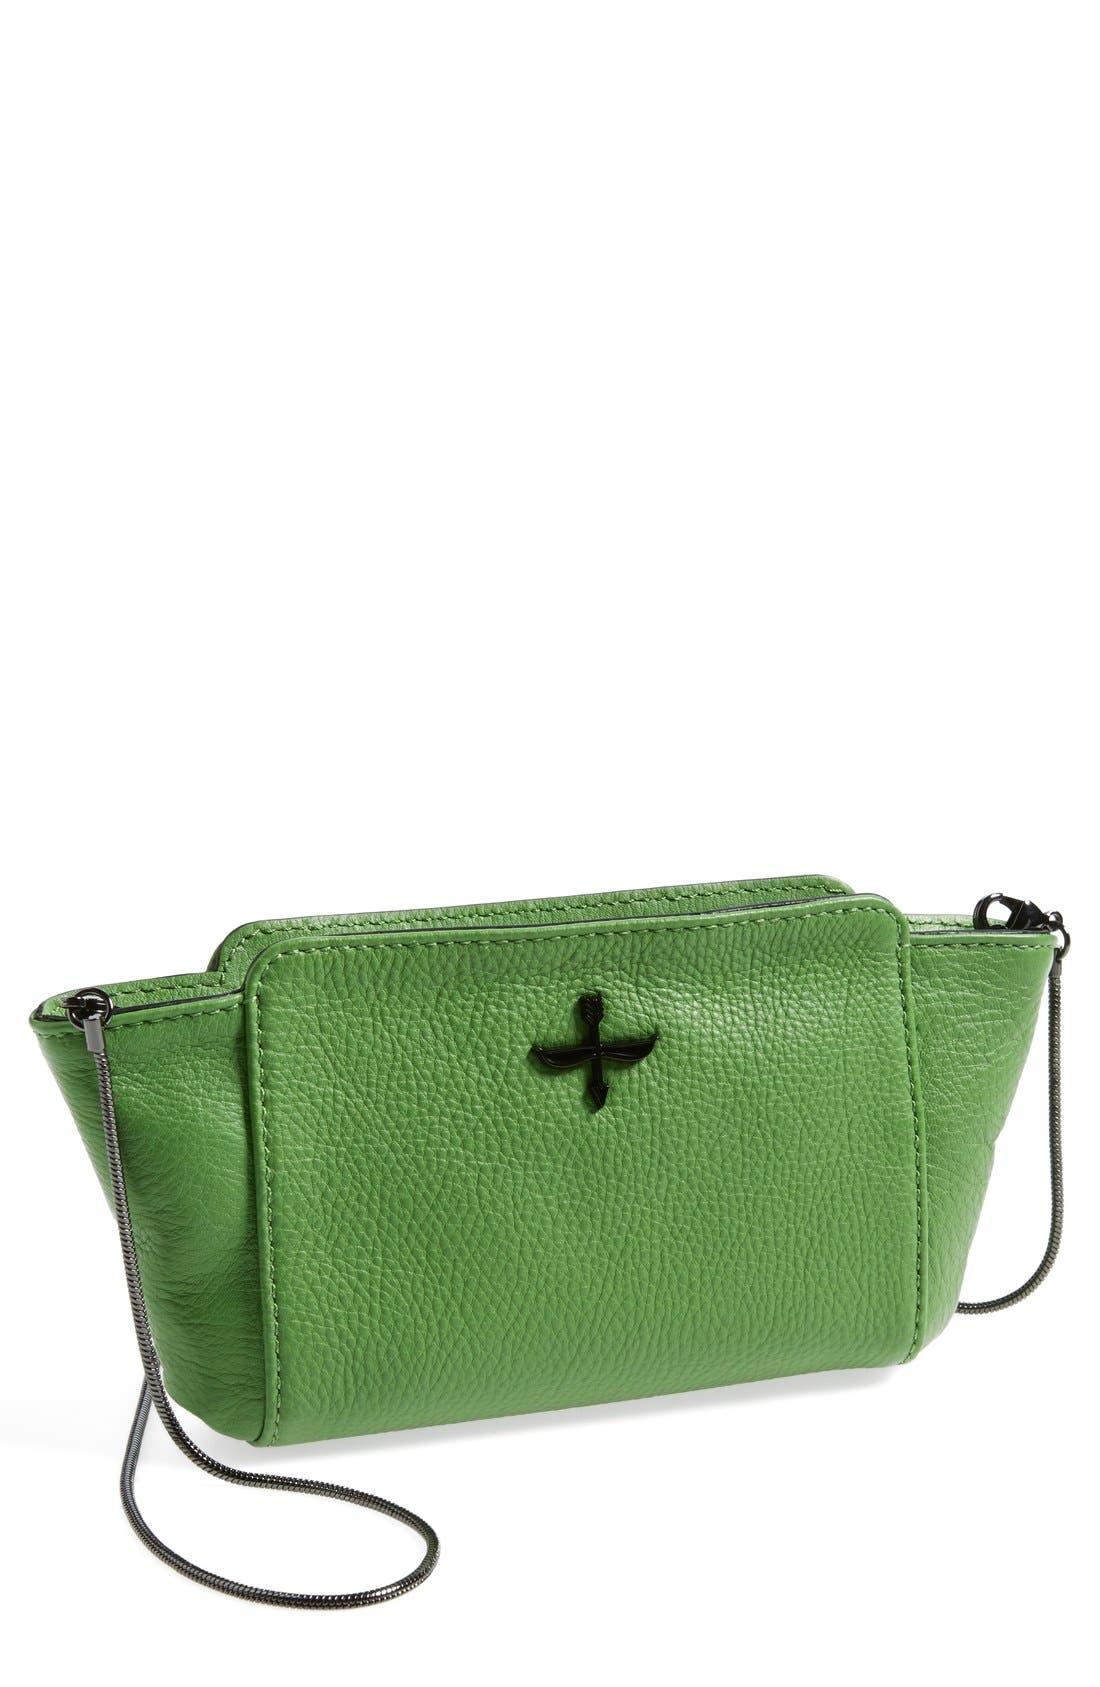 Main Image - Pour la Victoire 'Elle - Mini' Crossbody Bag